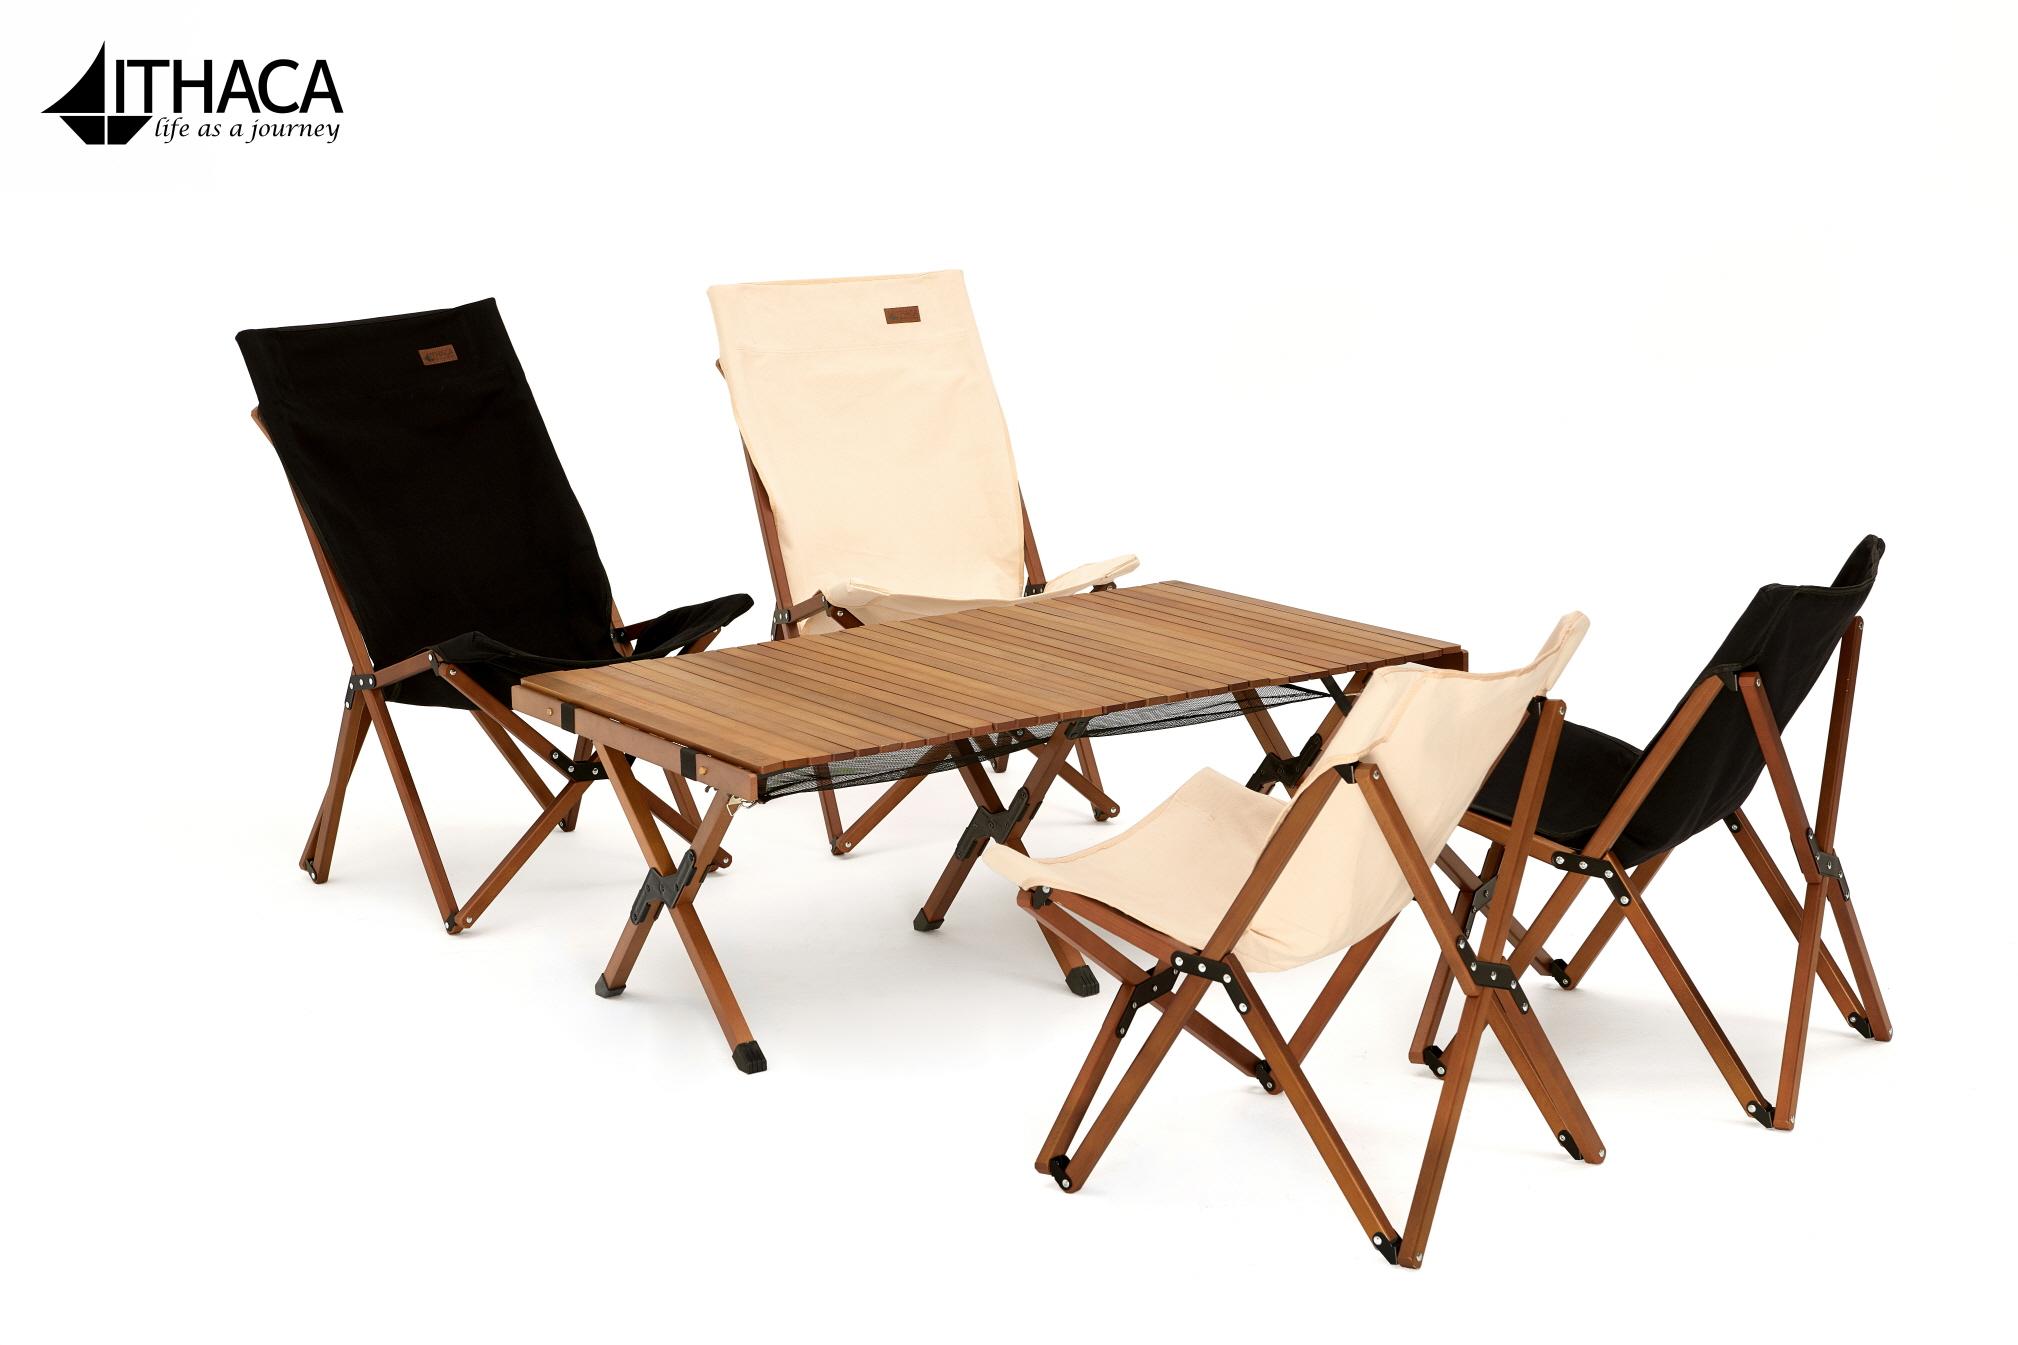 합리적인 가격의 감성 캠핑용품 브랜드 '이타카' 론칭